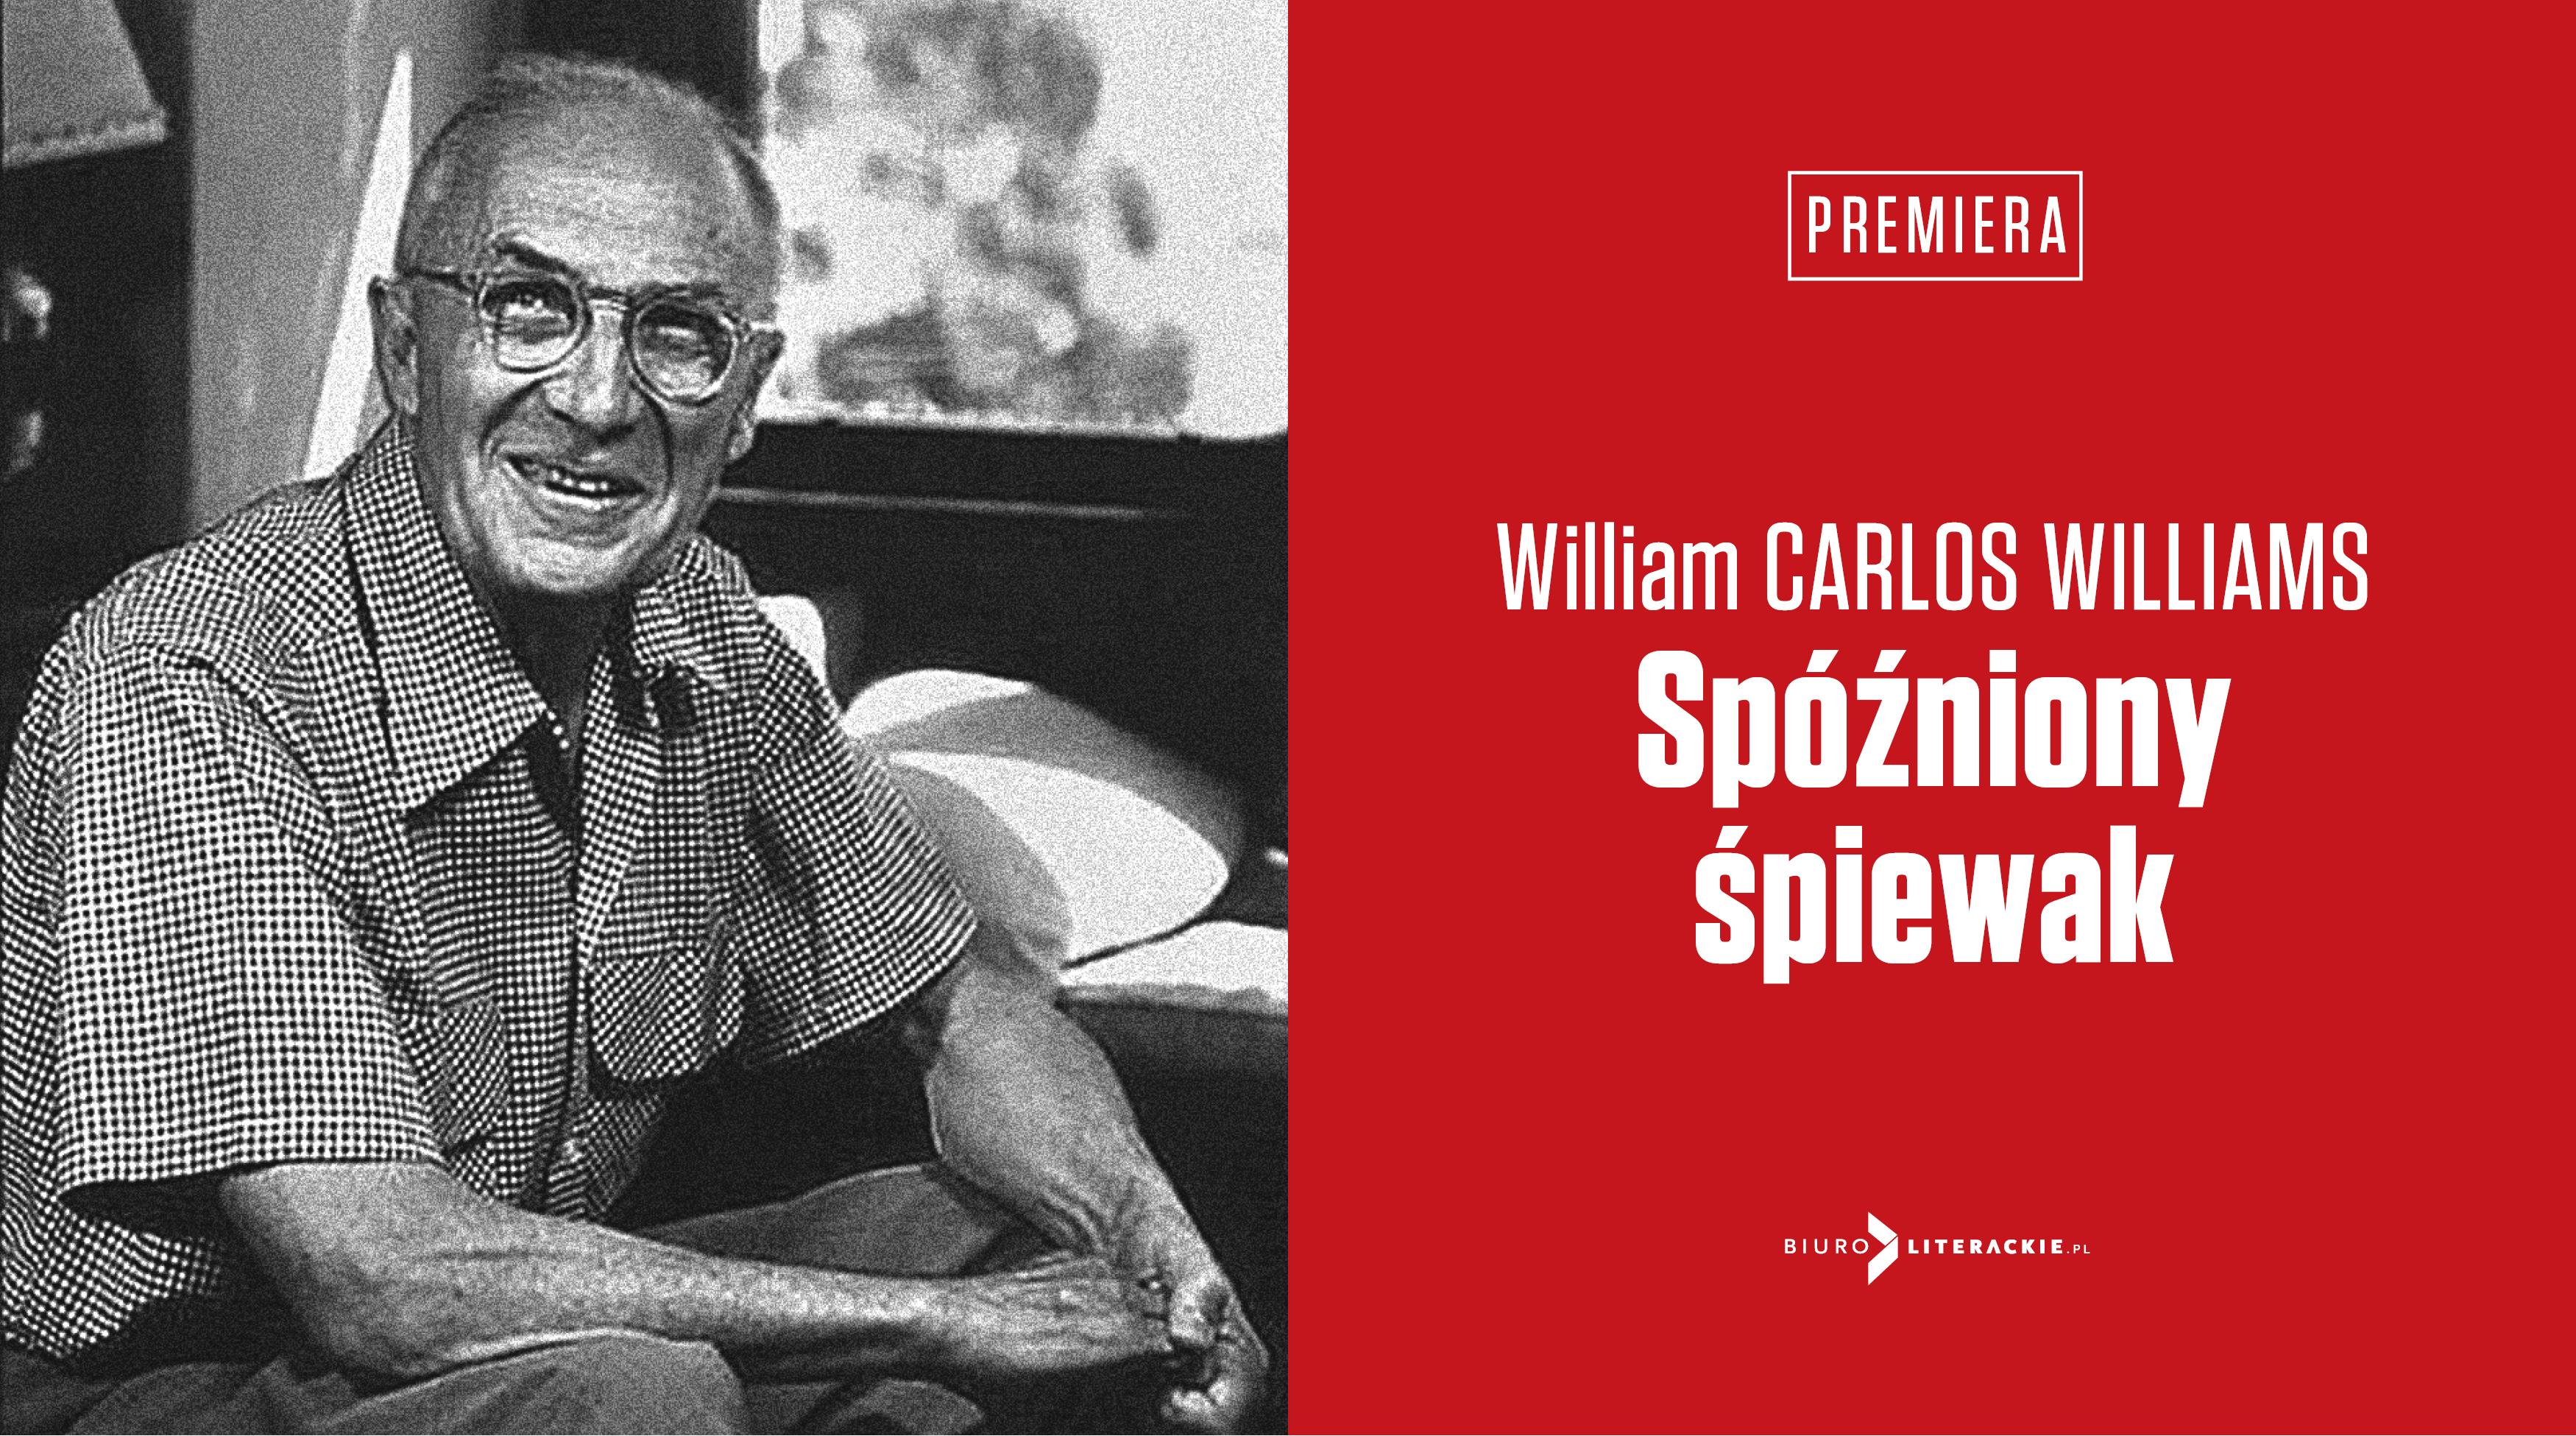 BL_Info_2019.04.10_William_CARLOS_WILLIAMS_Spozniony_spiewak__www_top